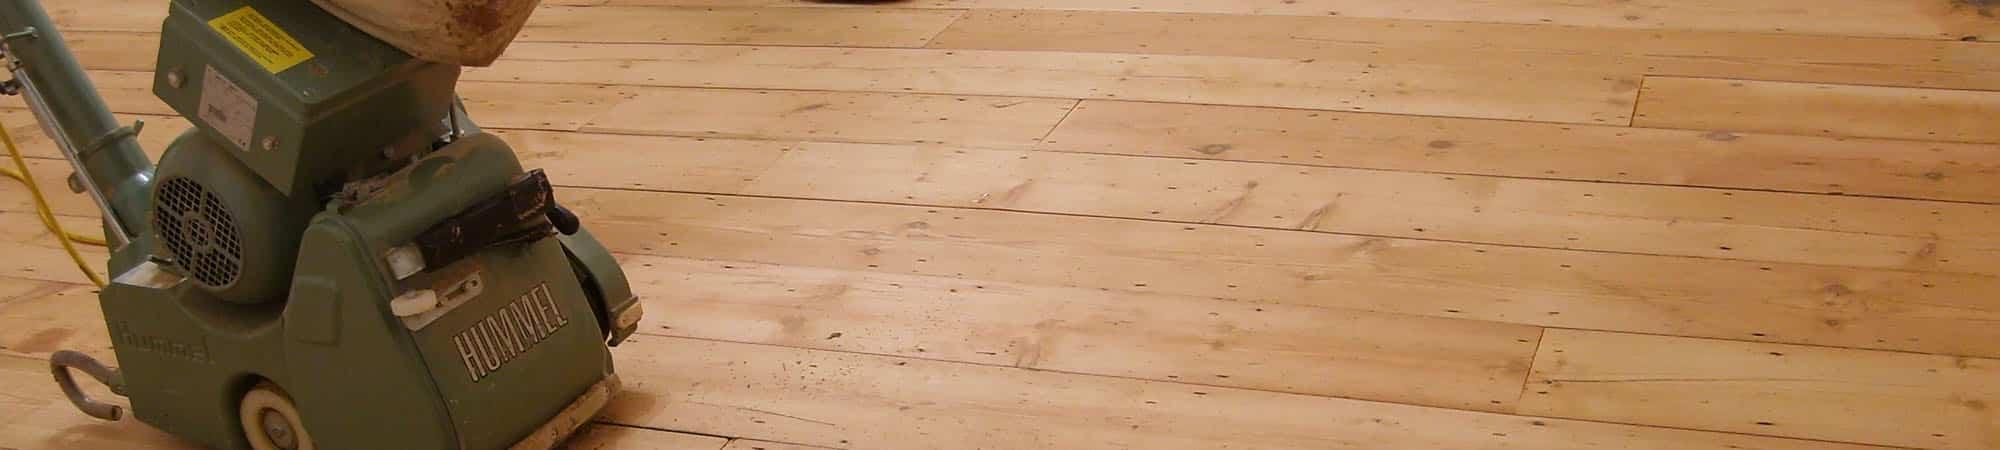 sanding your floor